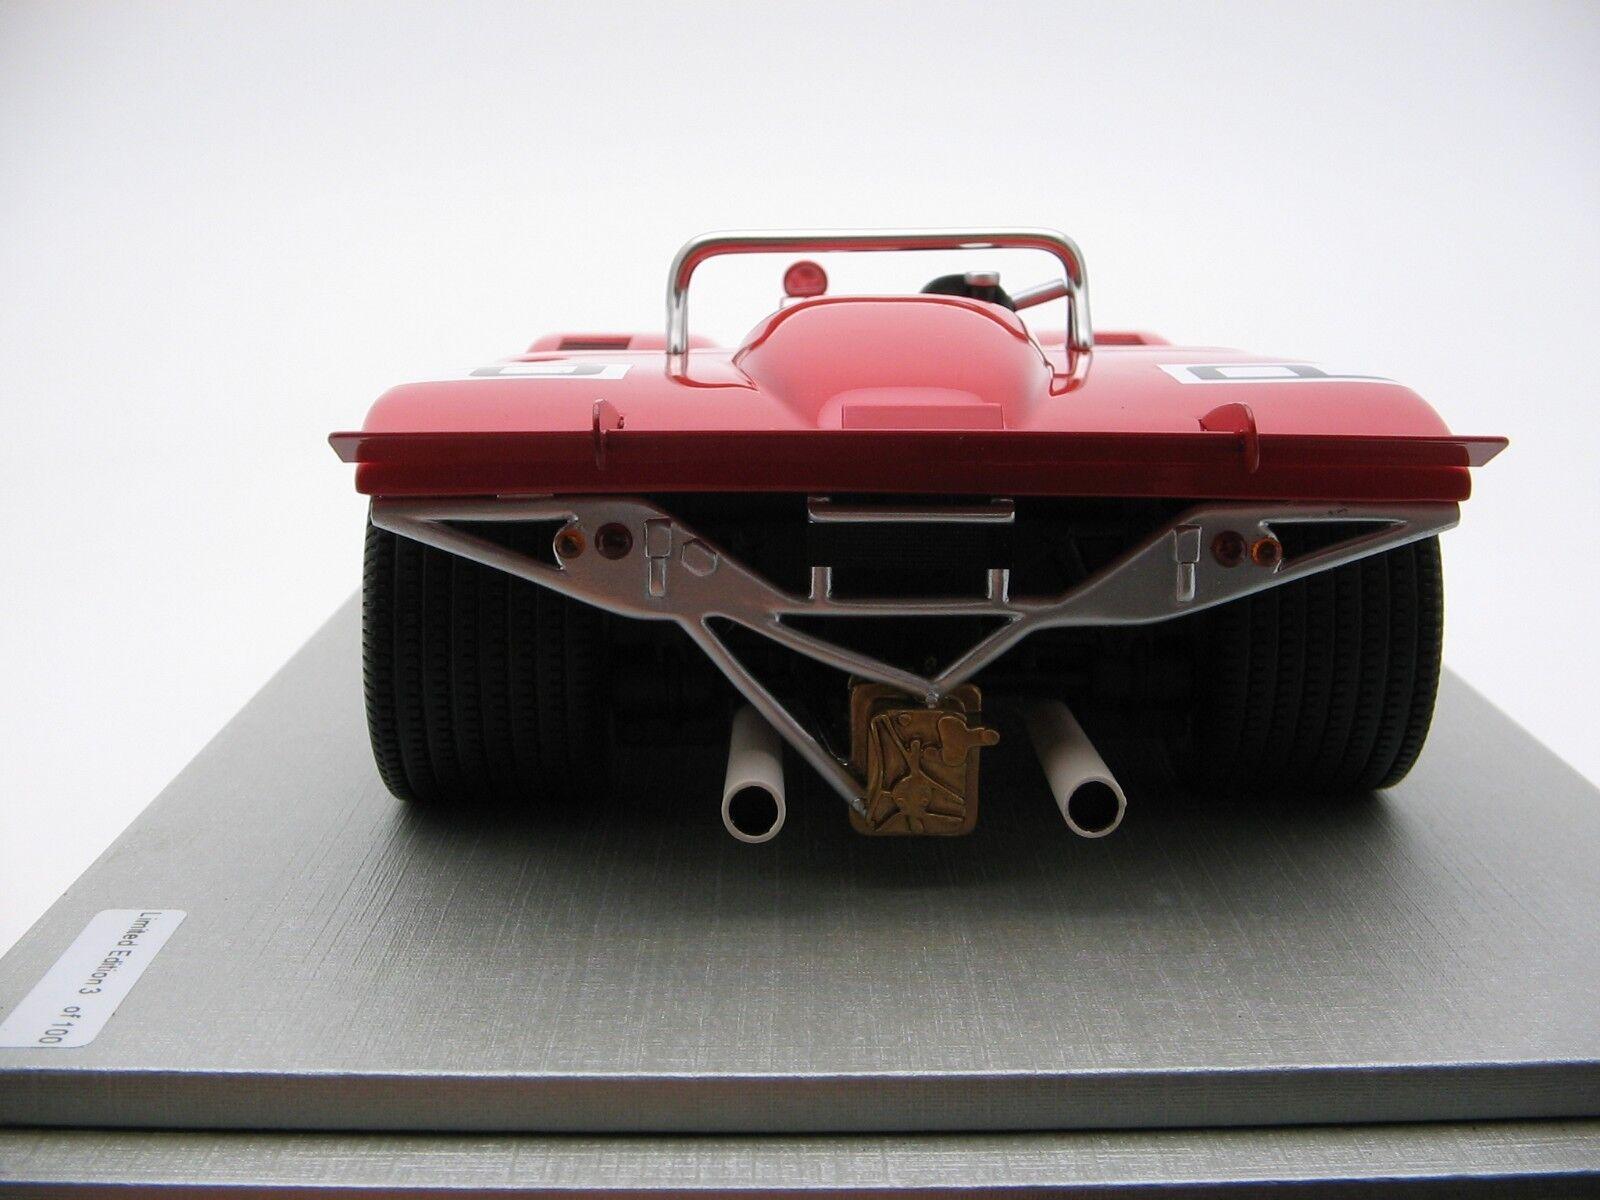 1 18 scale Tecnomodel Alfa Romeo T33 3 Nurburgring Nurburgring Nurburgring 1000 km 1971 - TM18-50B 57b2d2